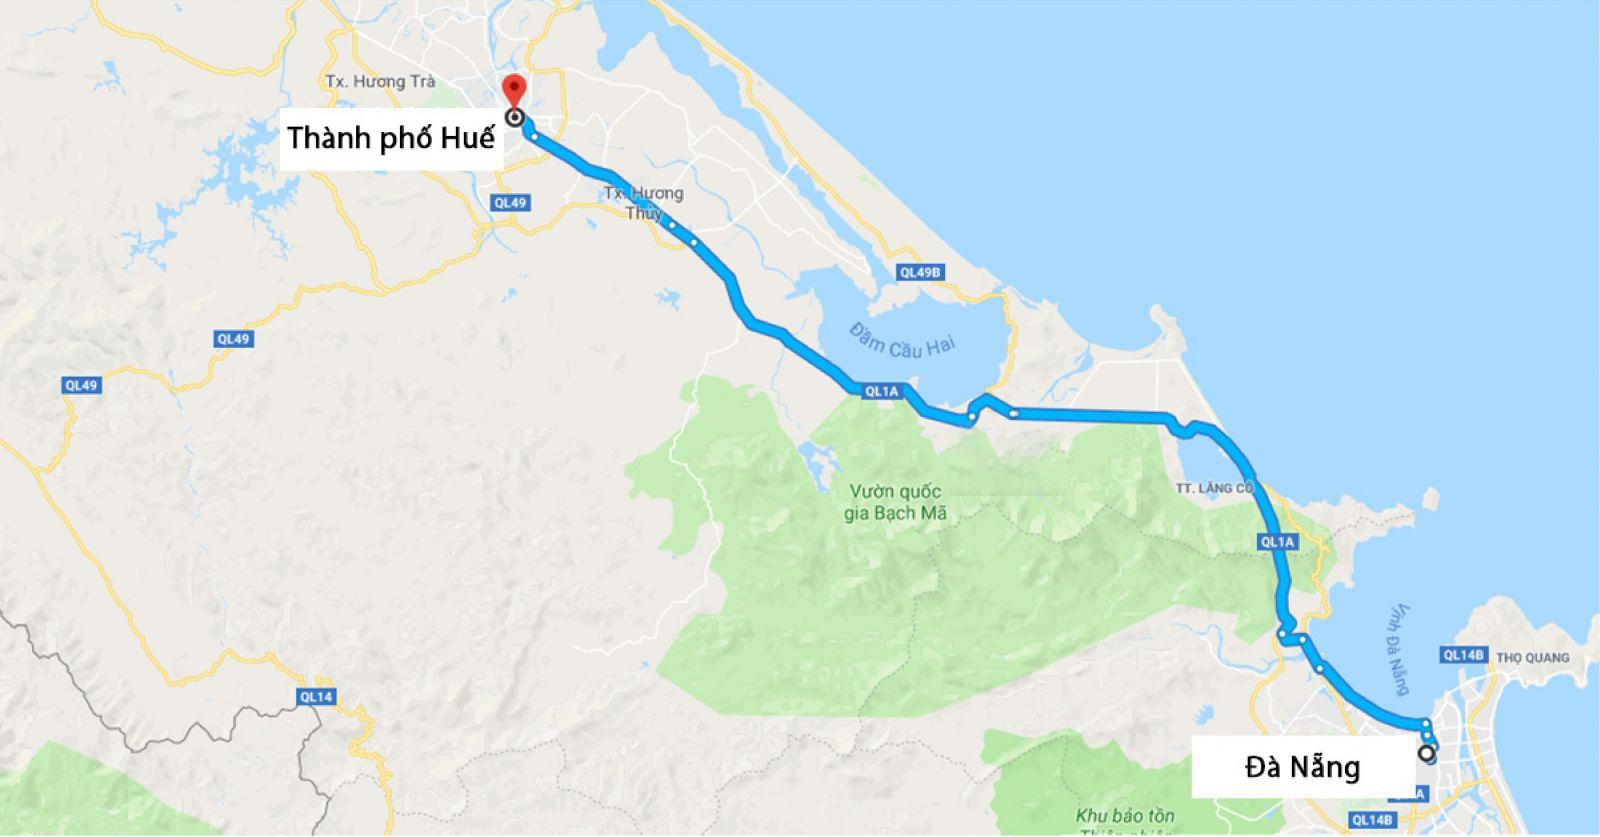 Đà Nẵng đi Huế bao nhiêu km